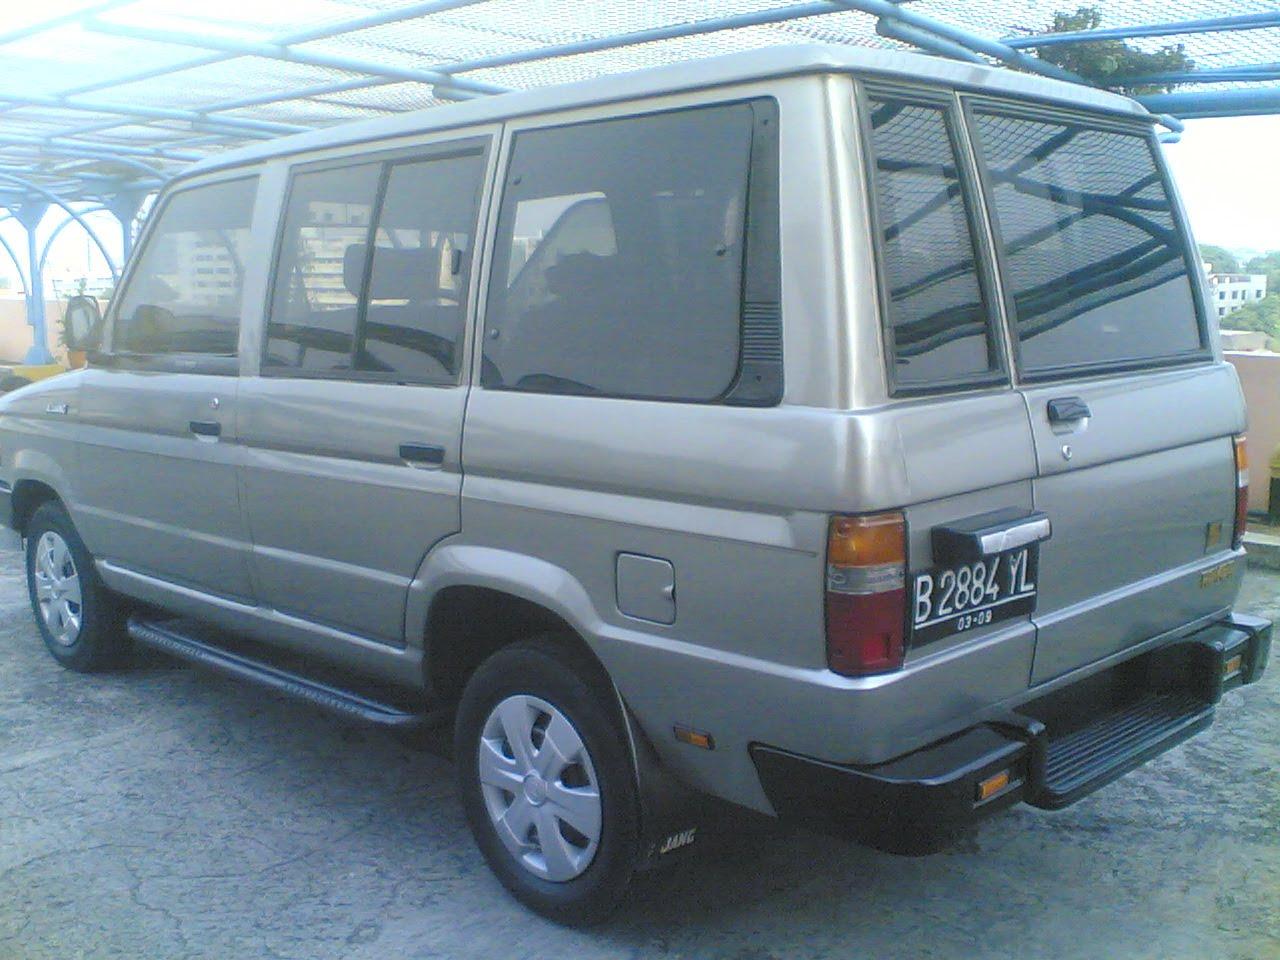 Terjual Mobil Kijang Kapsul Bagus Murah 1997   KASKUS